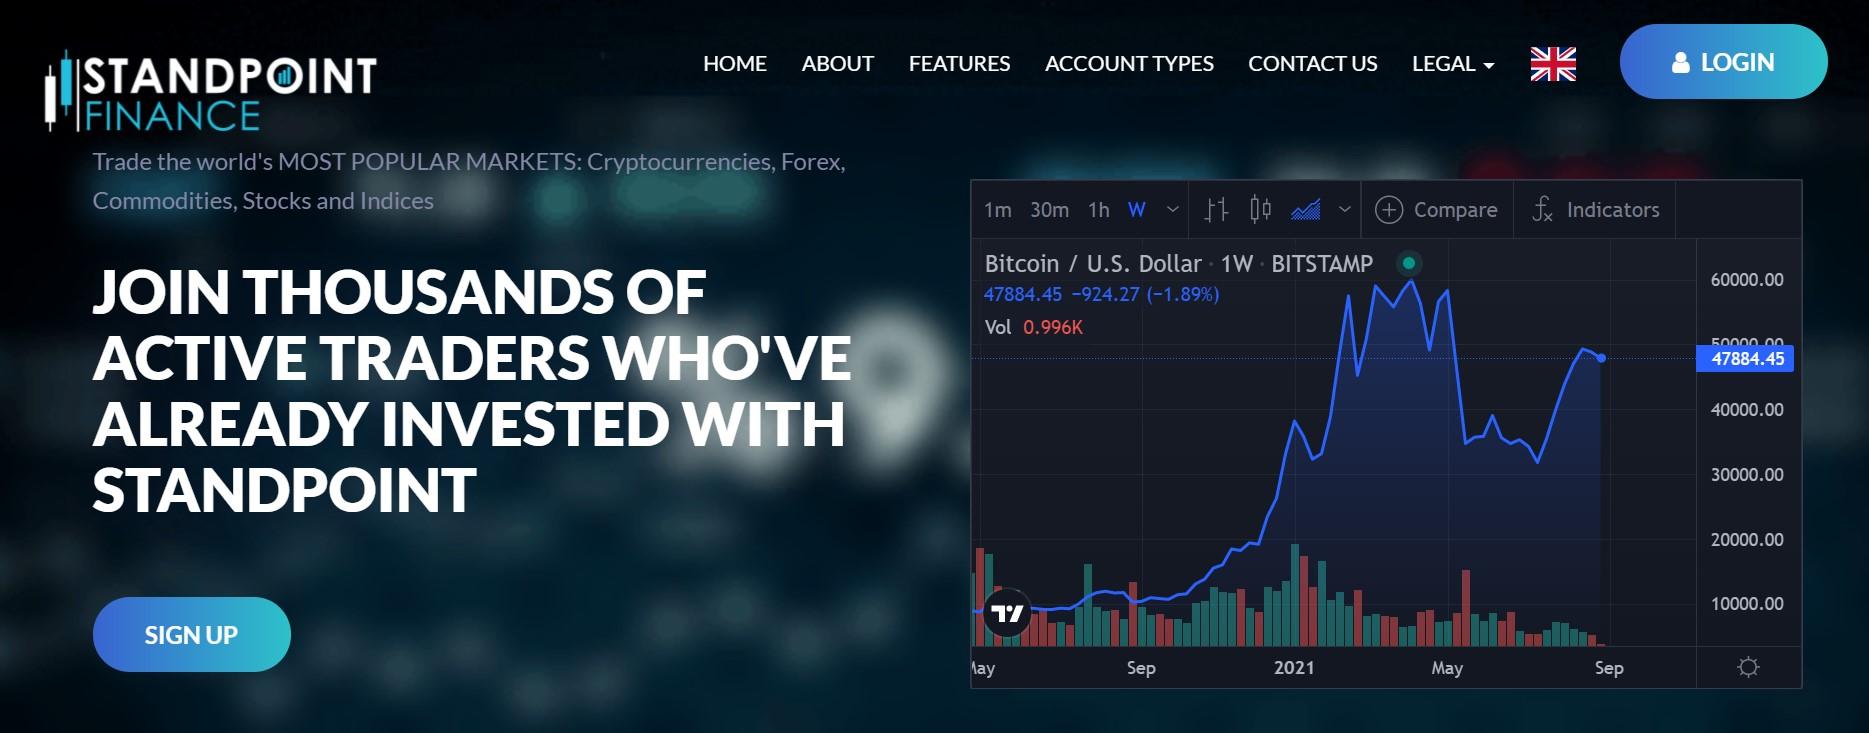 Standpoint Finance website